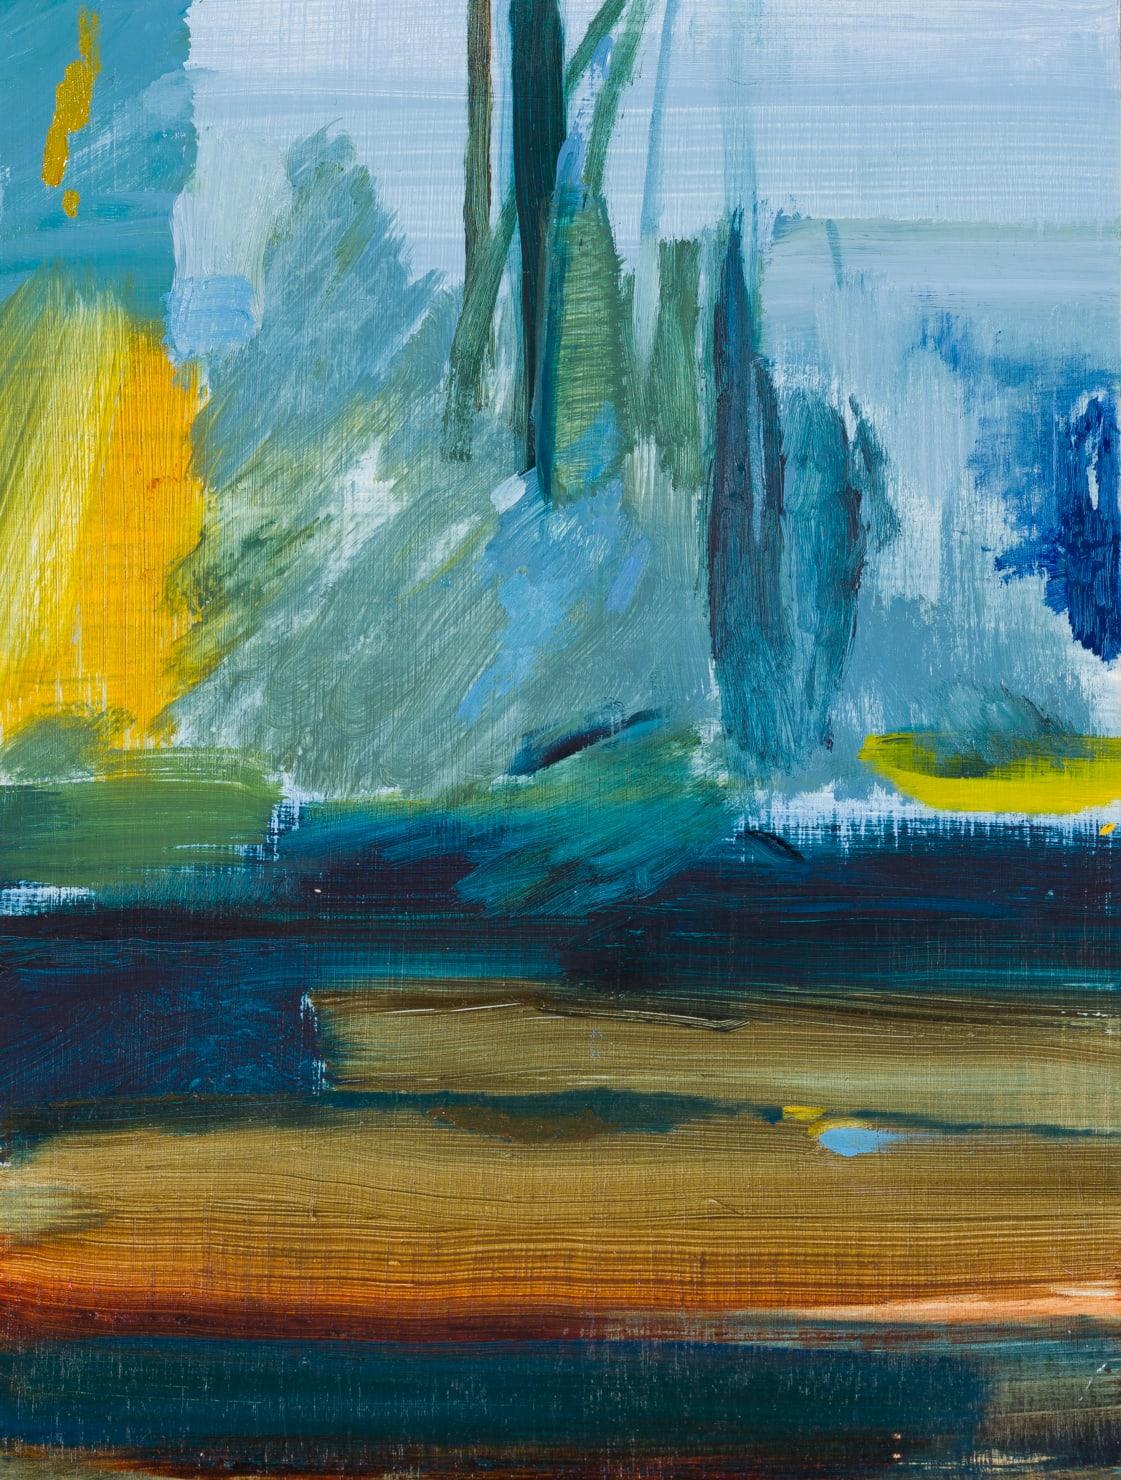 Calum McClure, Grey Painting, 2019